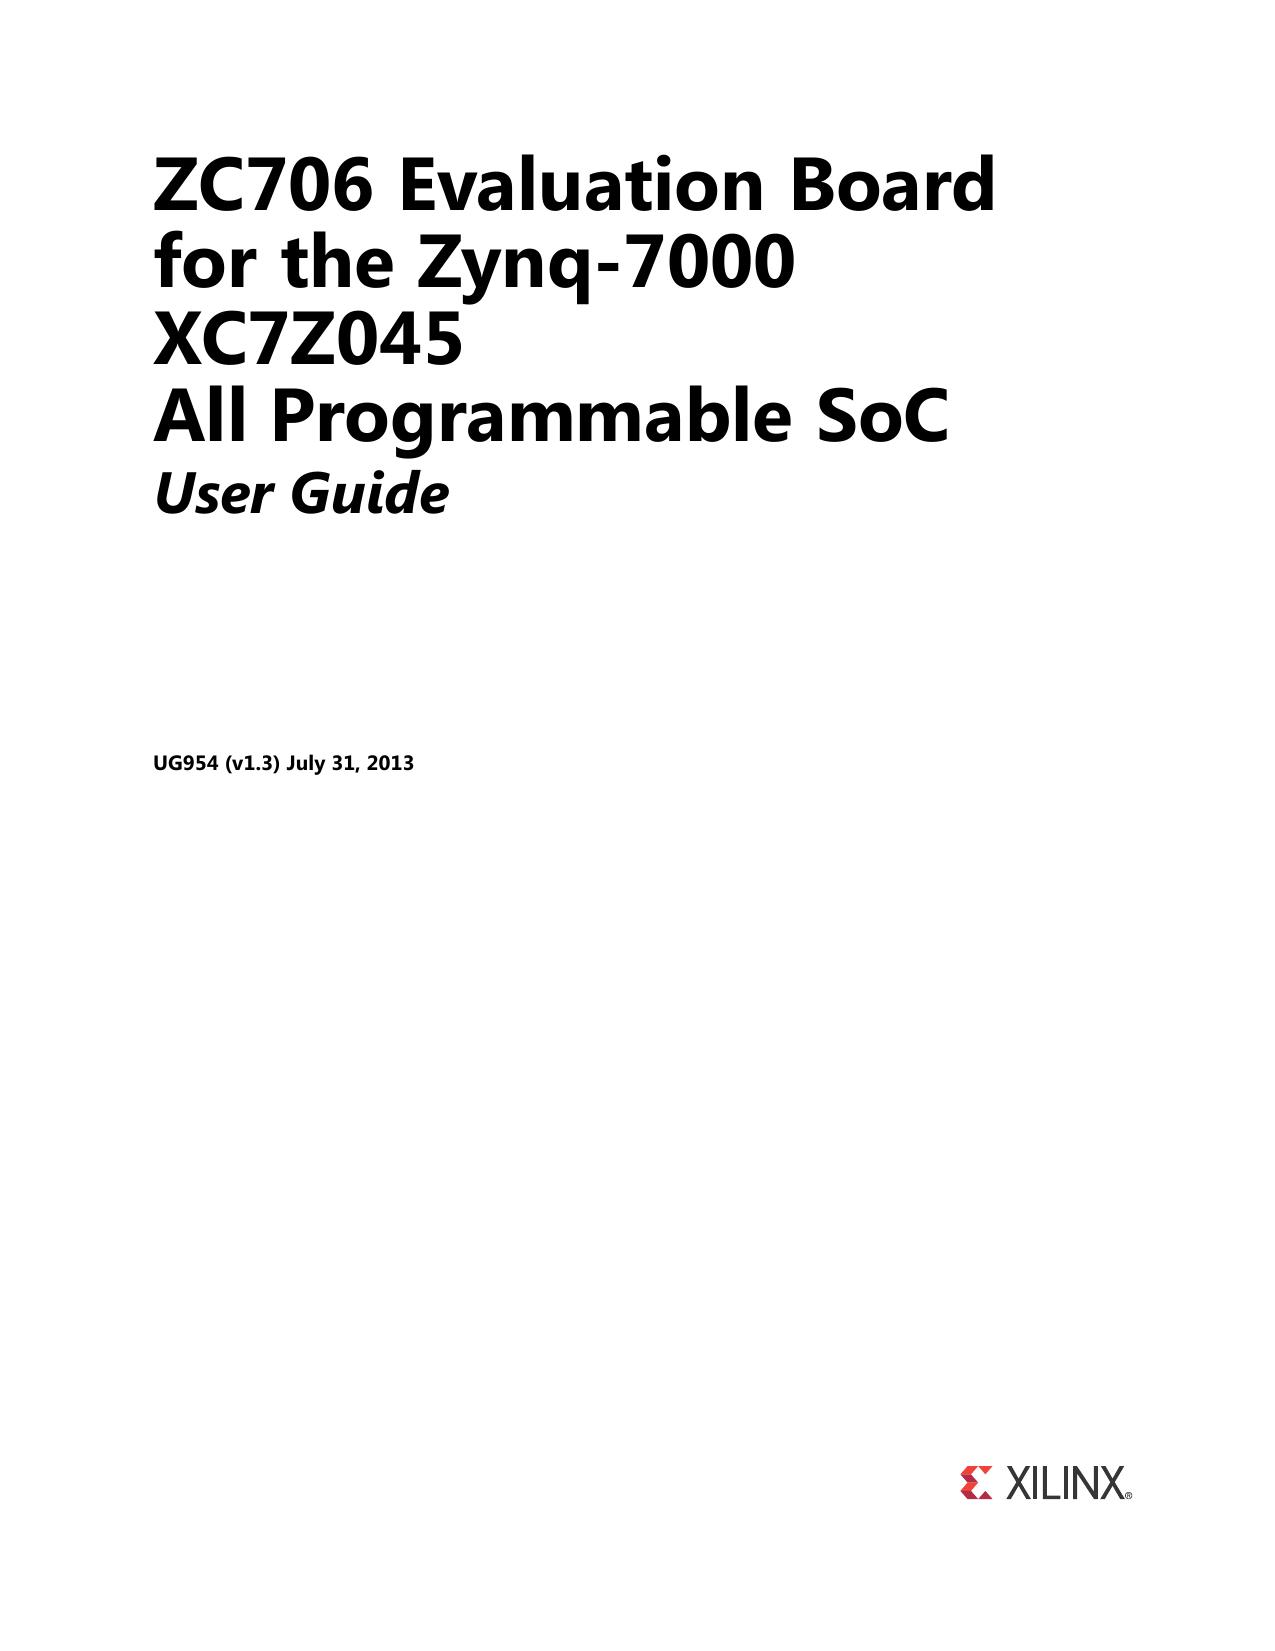 Xilinx UG954 ZC706 Evaluation Board for the Zynq | manualzz com